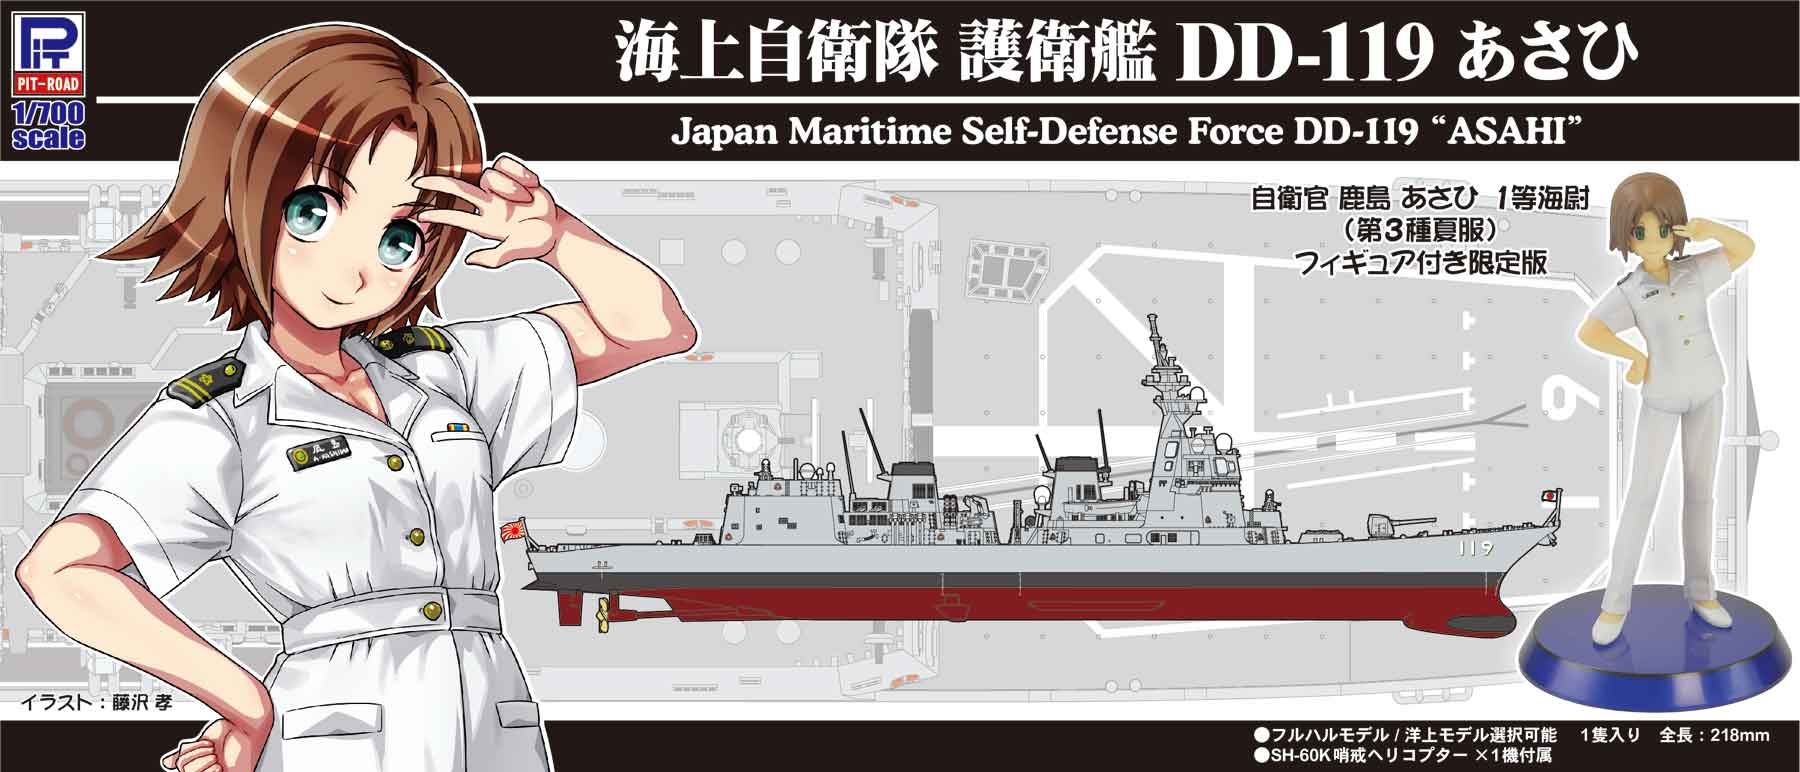 J82F 1/700 海上自衛隊 護衛艦 DD-119 あさひ 女性自衛官フィギュア付き(鹿島あさひ 1等海尉 第3種夏服)